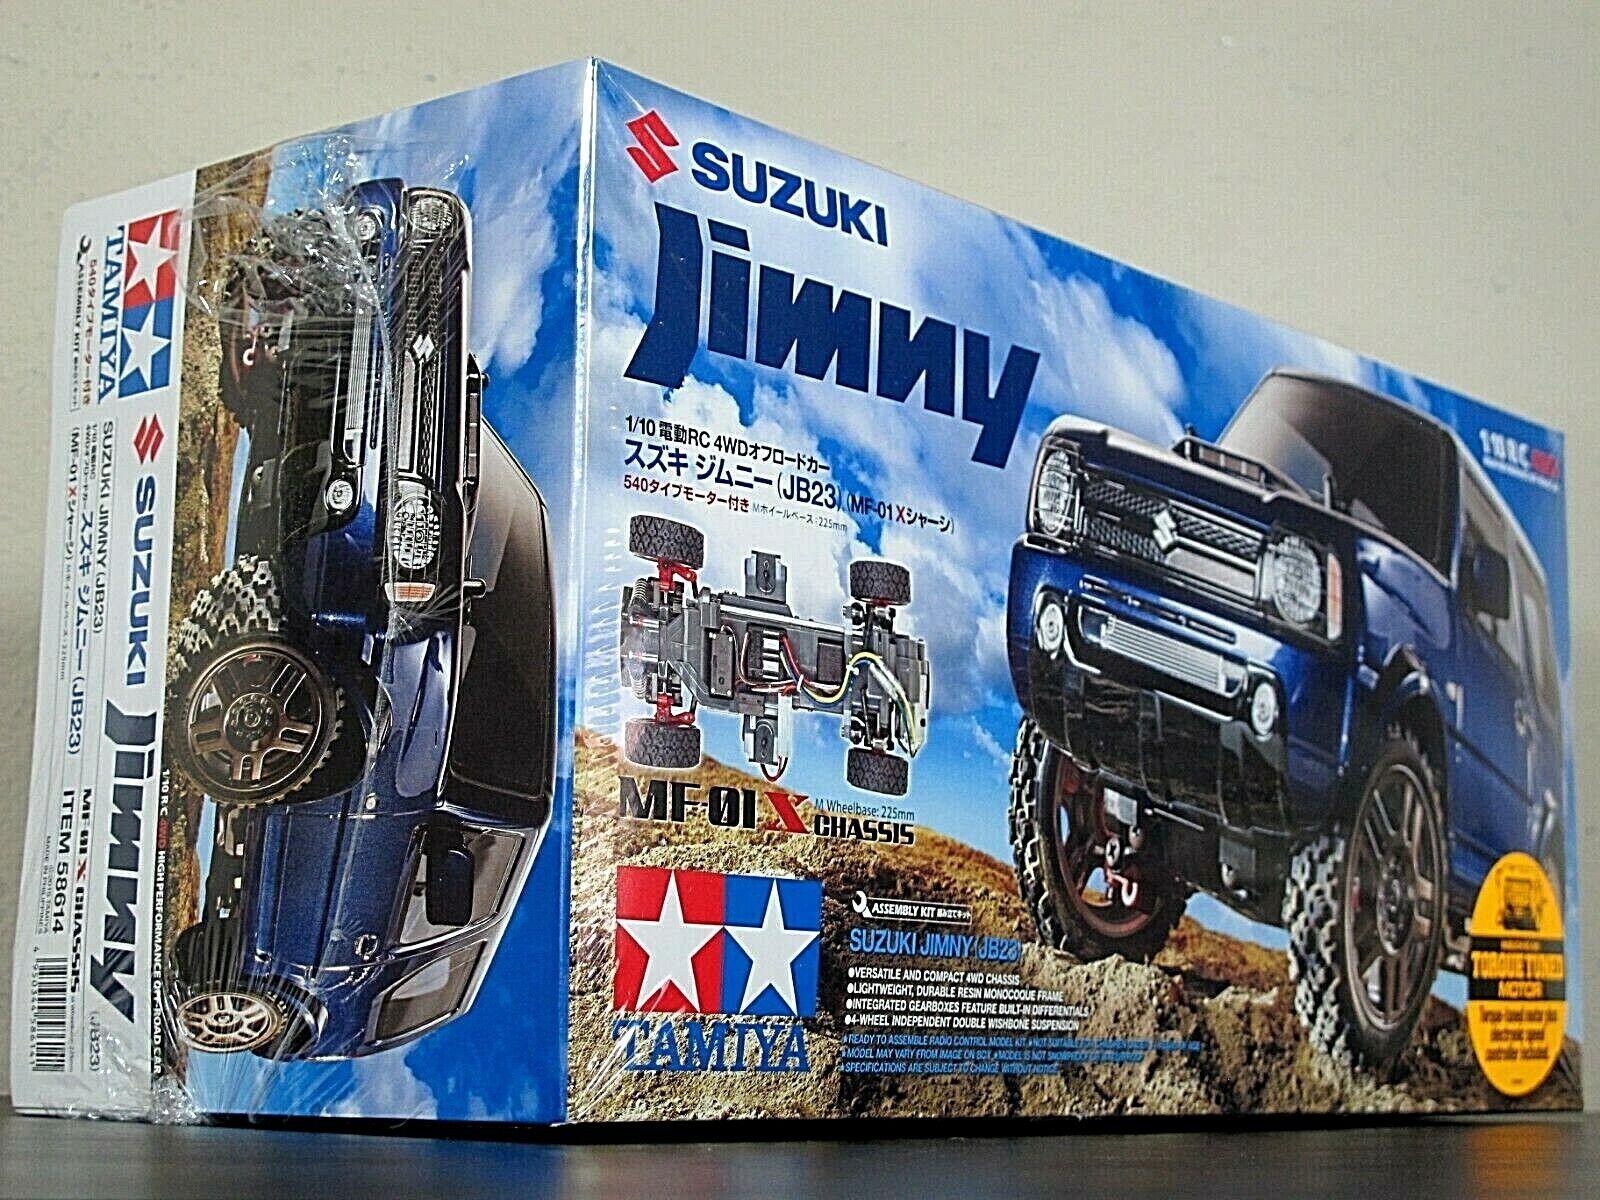 New In Box Tamiya 58614 4WD 1 10 RC Suzuki Jimny JB23 - MF-01X Chassis Kit